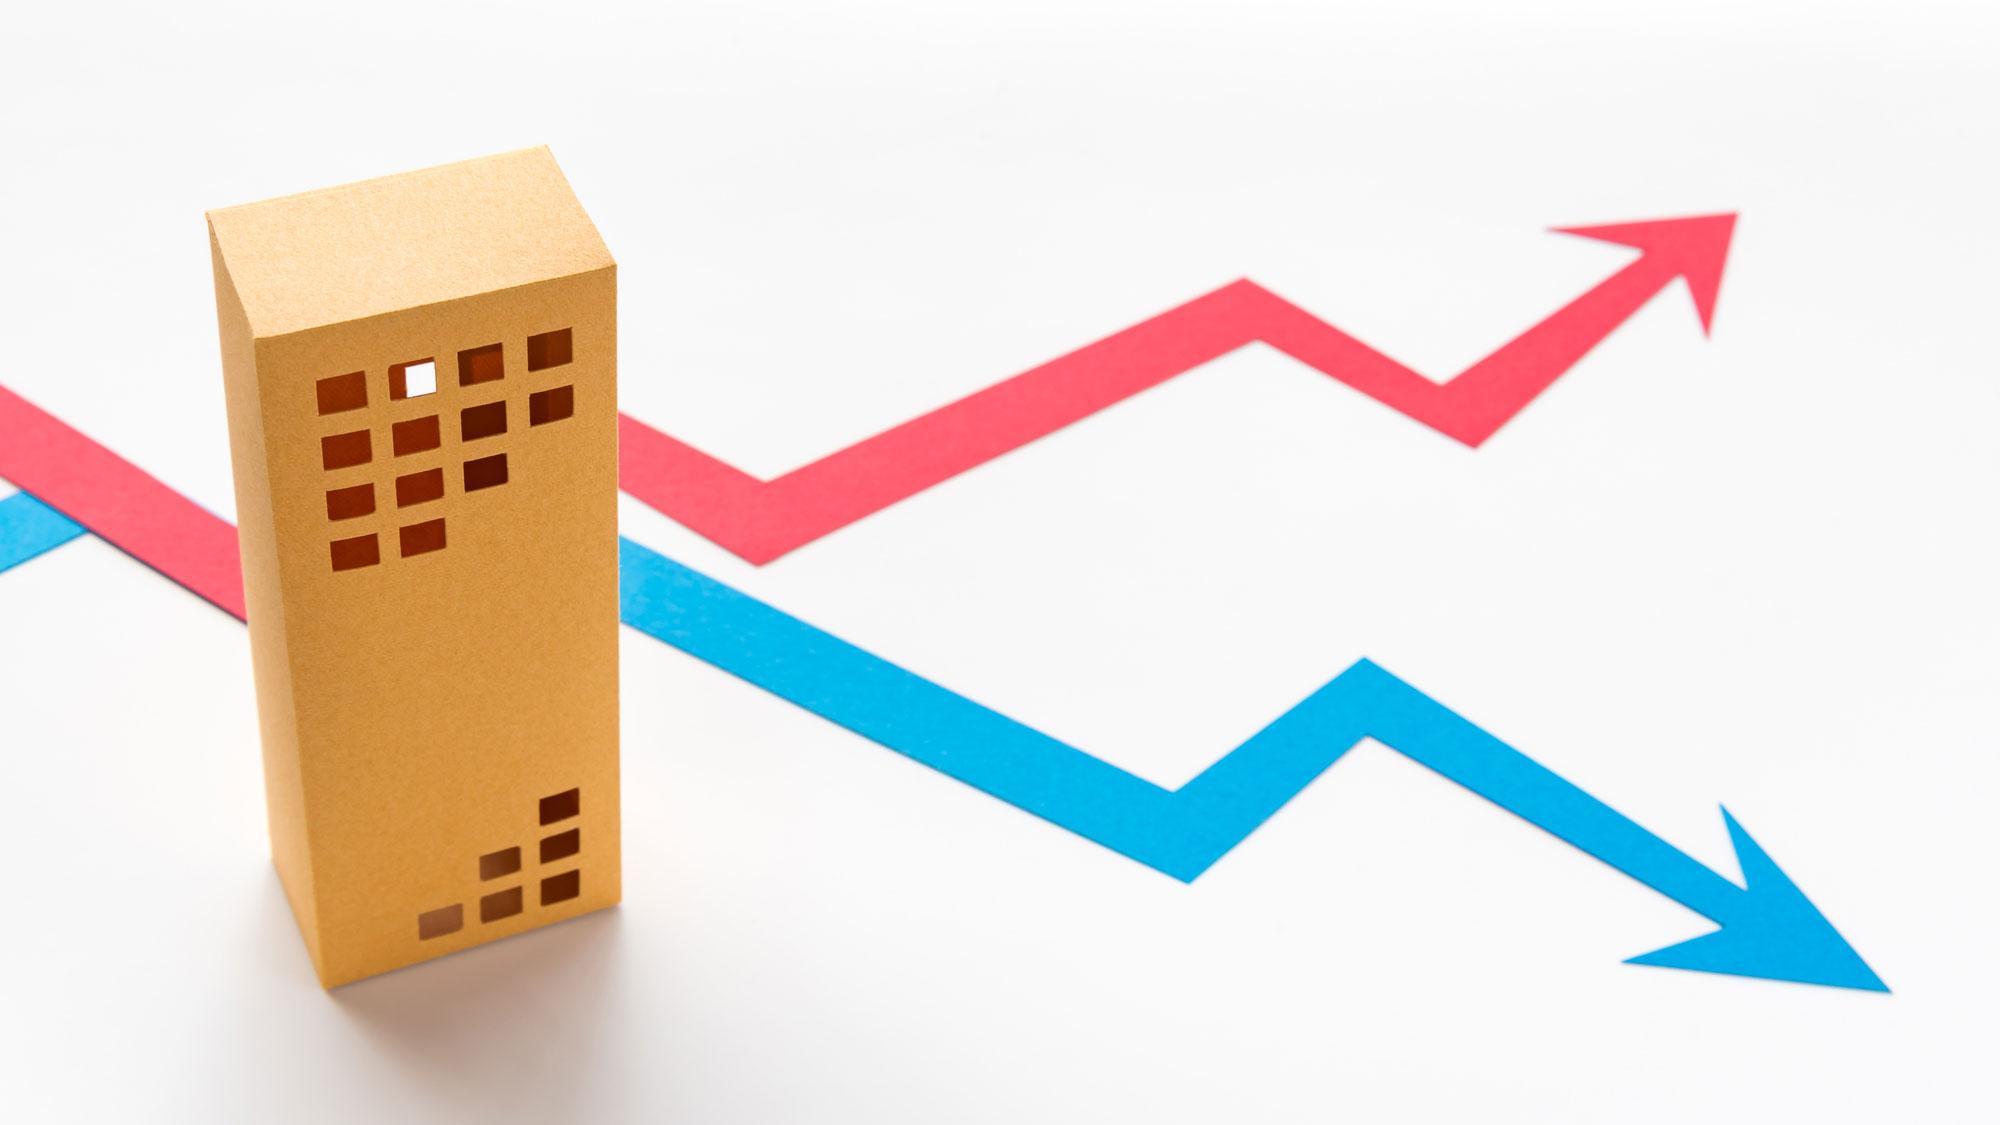 不動産の2019年問題とは?不動産価格は本当に下落するのか